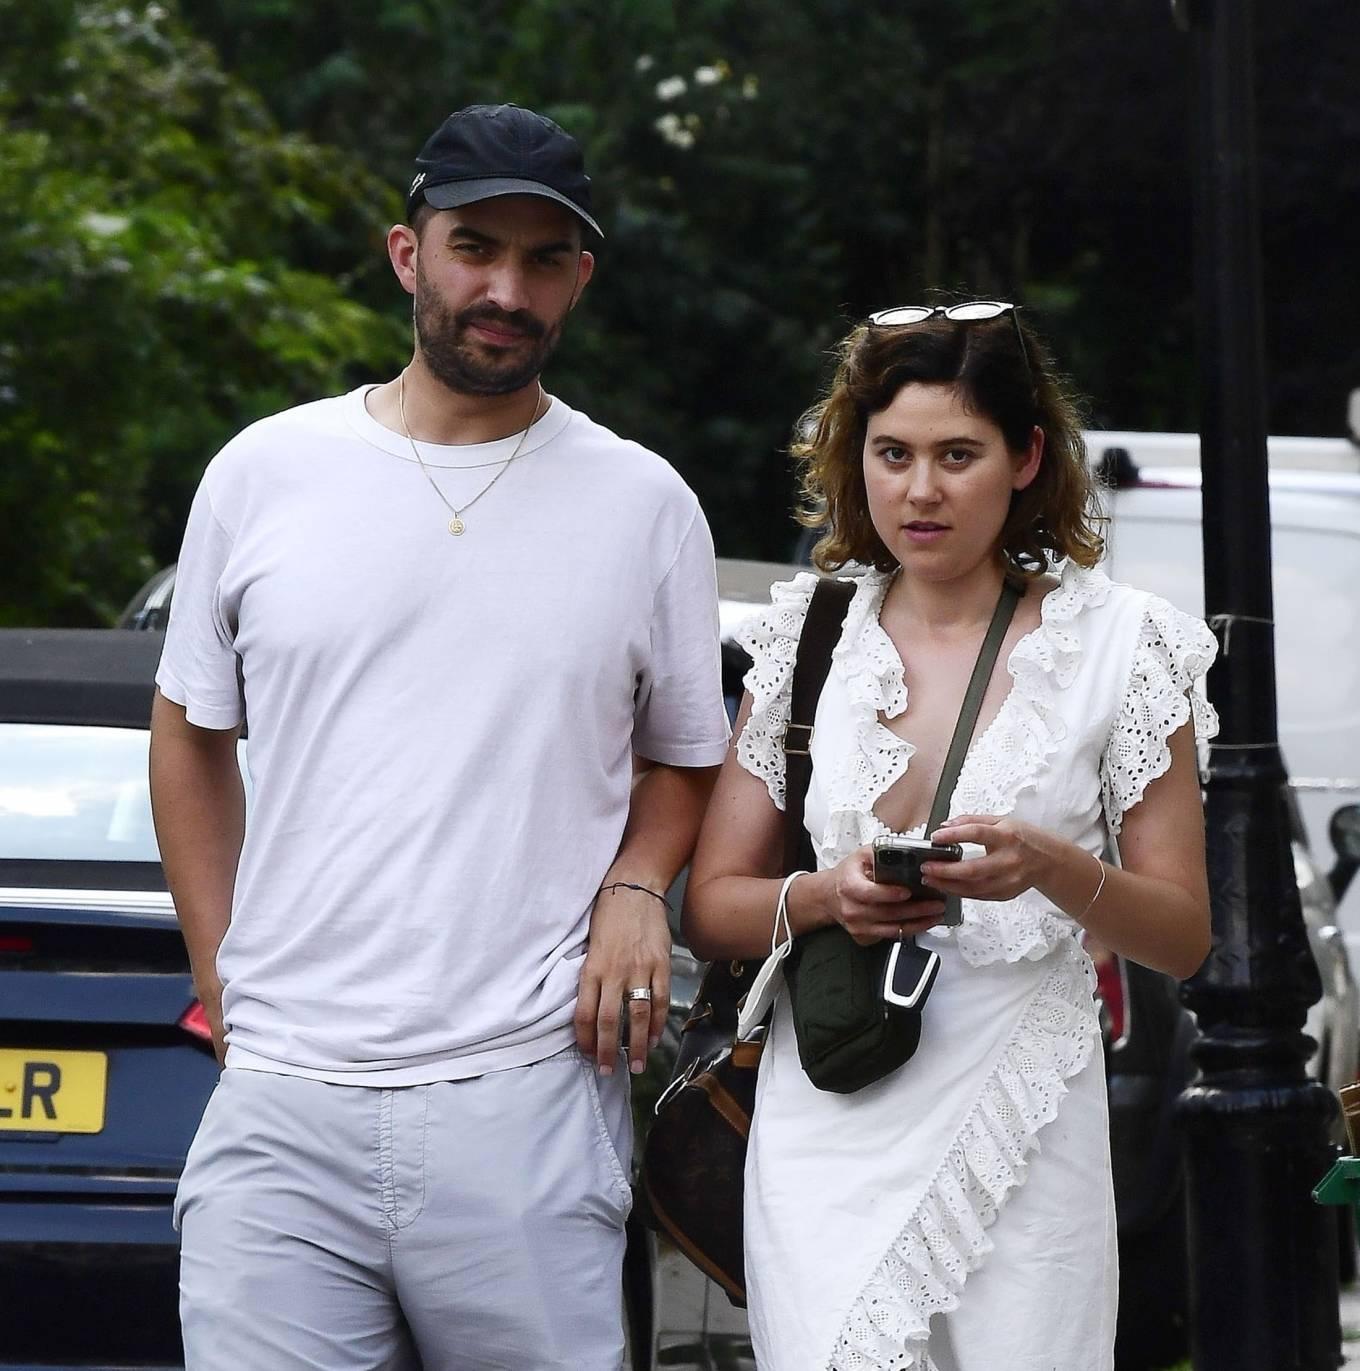 Eliza Doolittle 2021 : Eliza Doolittle – with a mystery male friend in North London-05